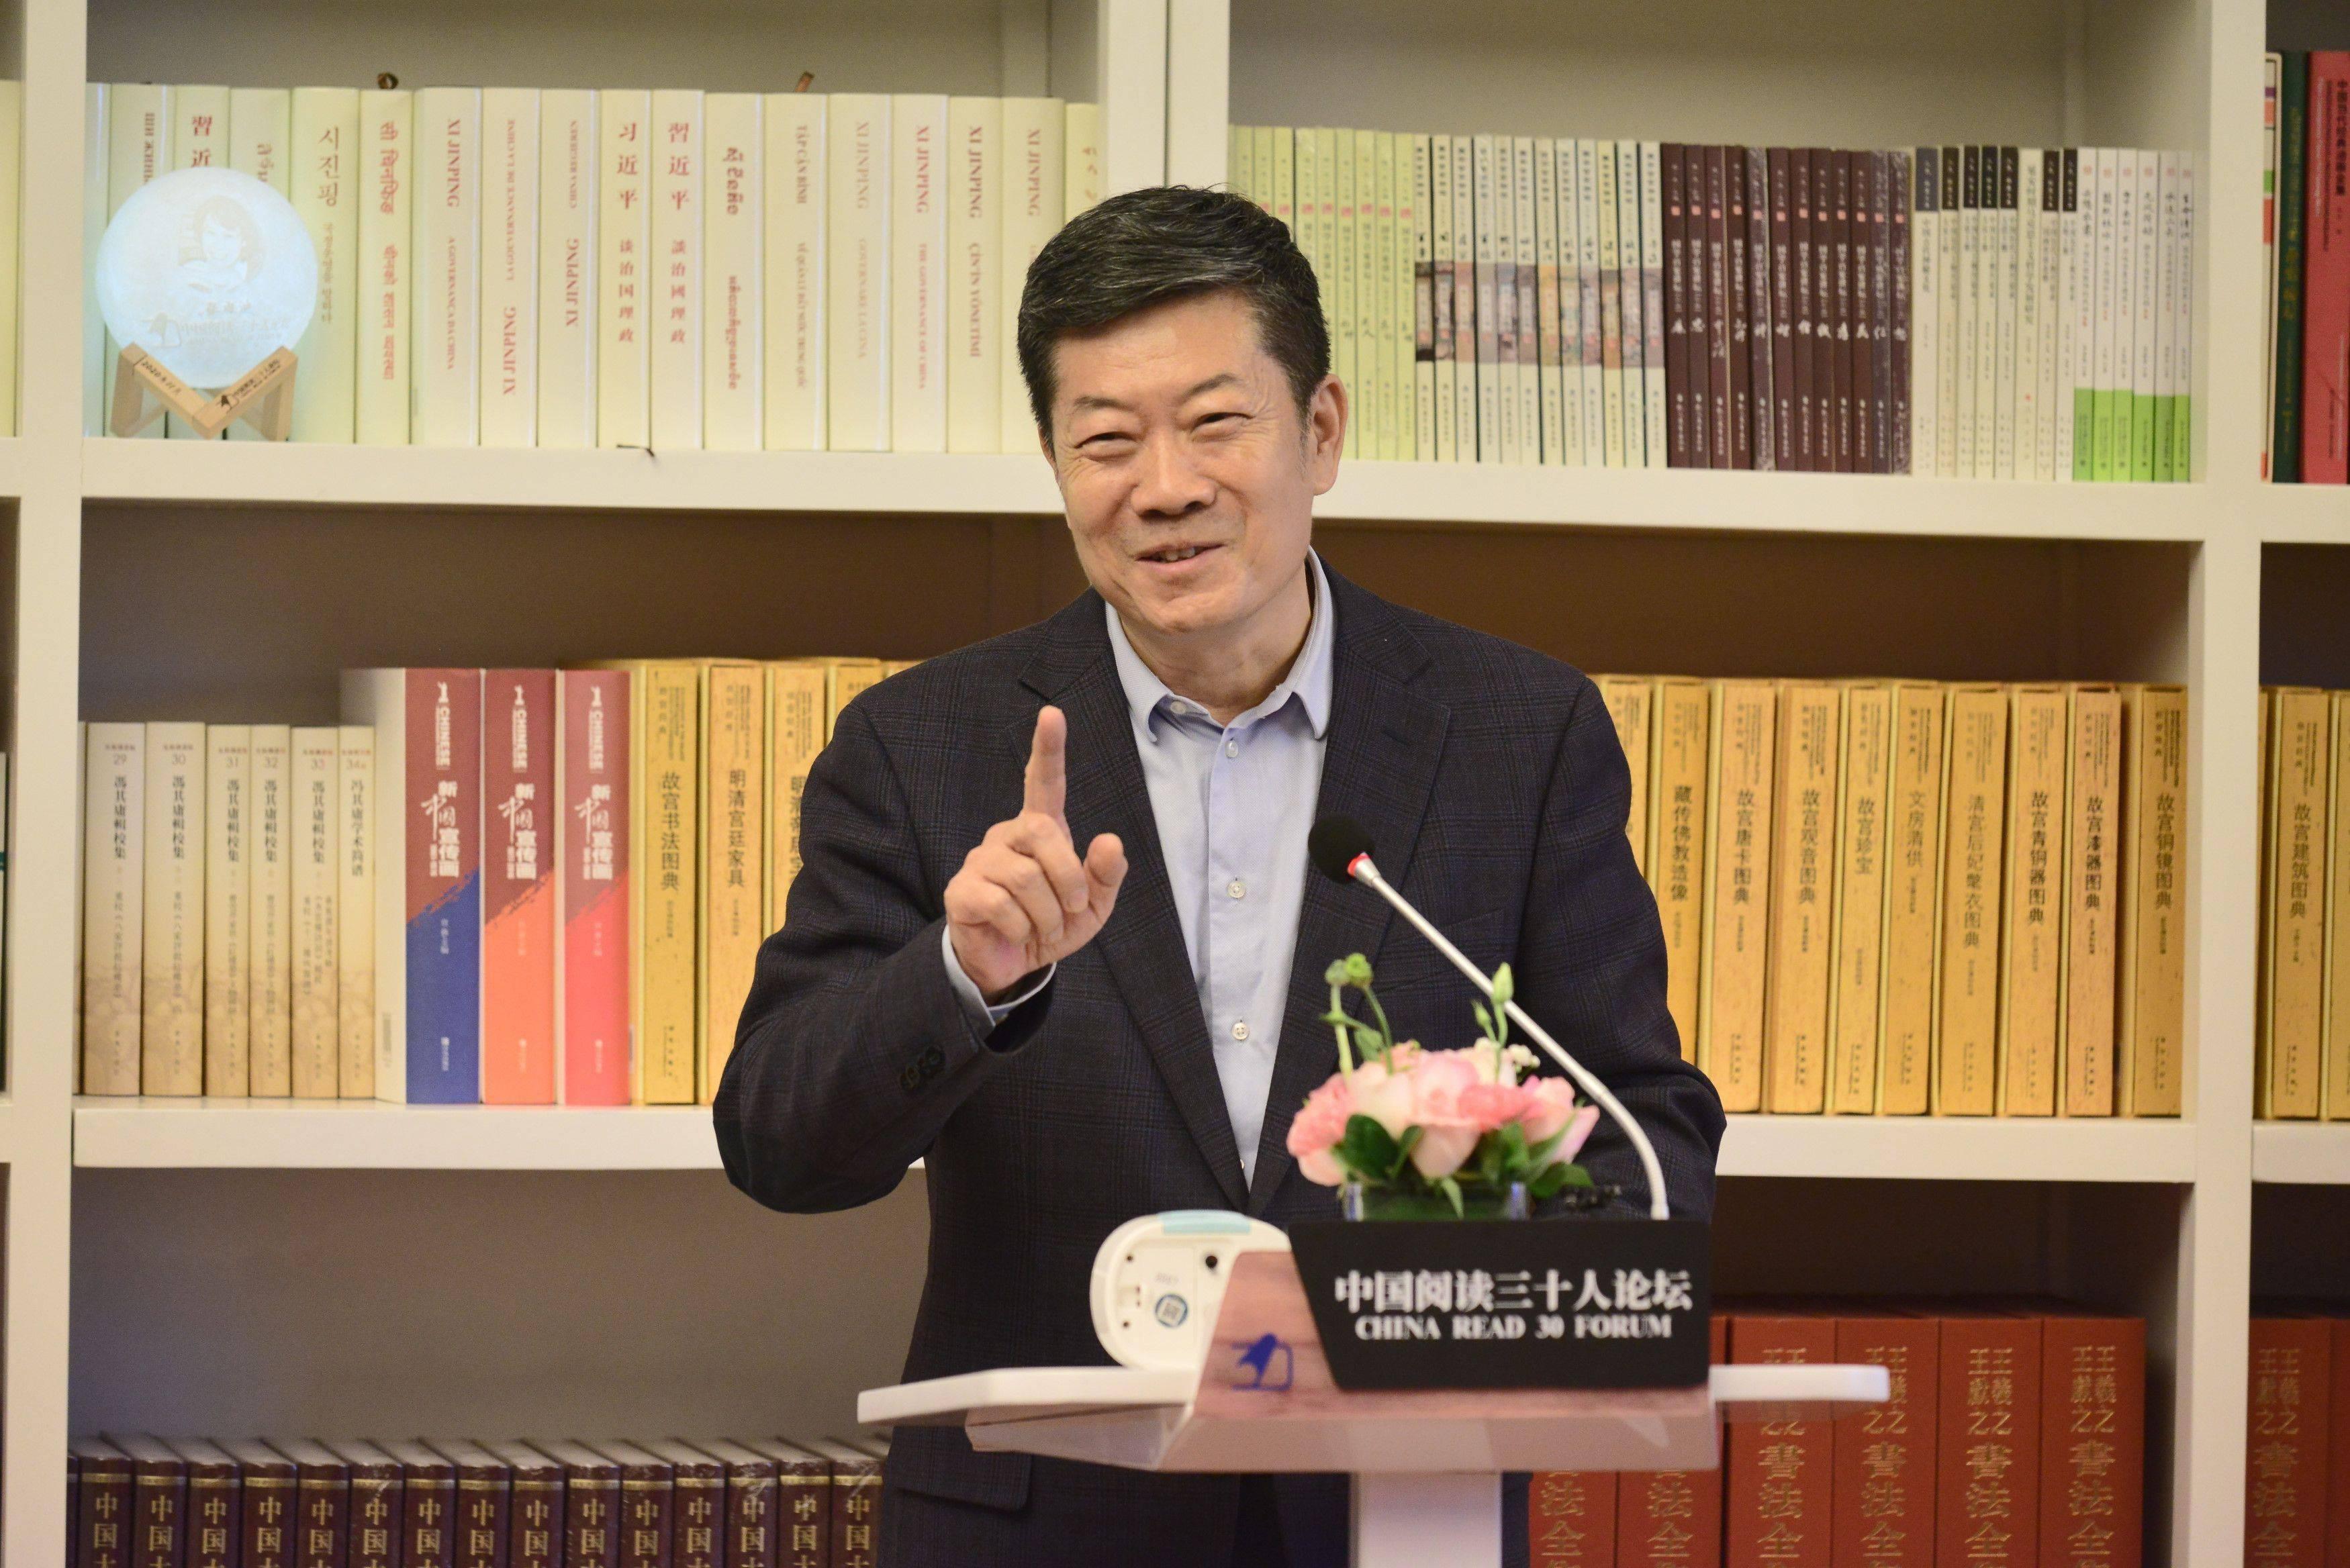 """""""中国阅读三十人论坛""""秘书处成立,白岩松等探讨阅读与社会公平"""